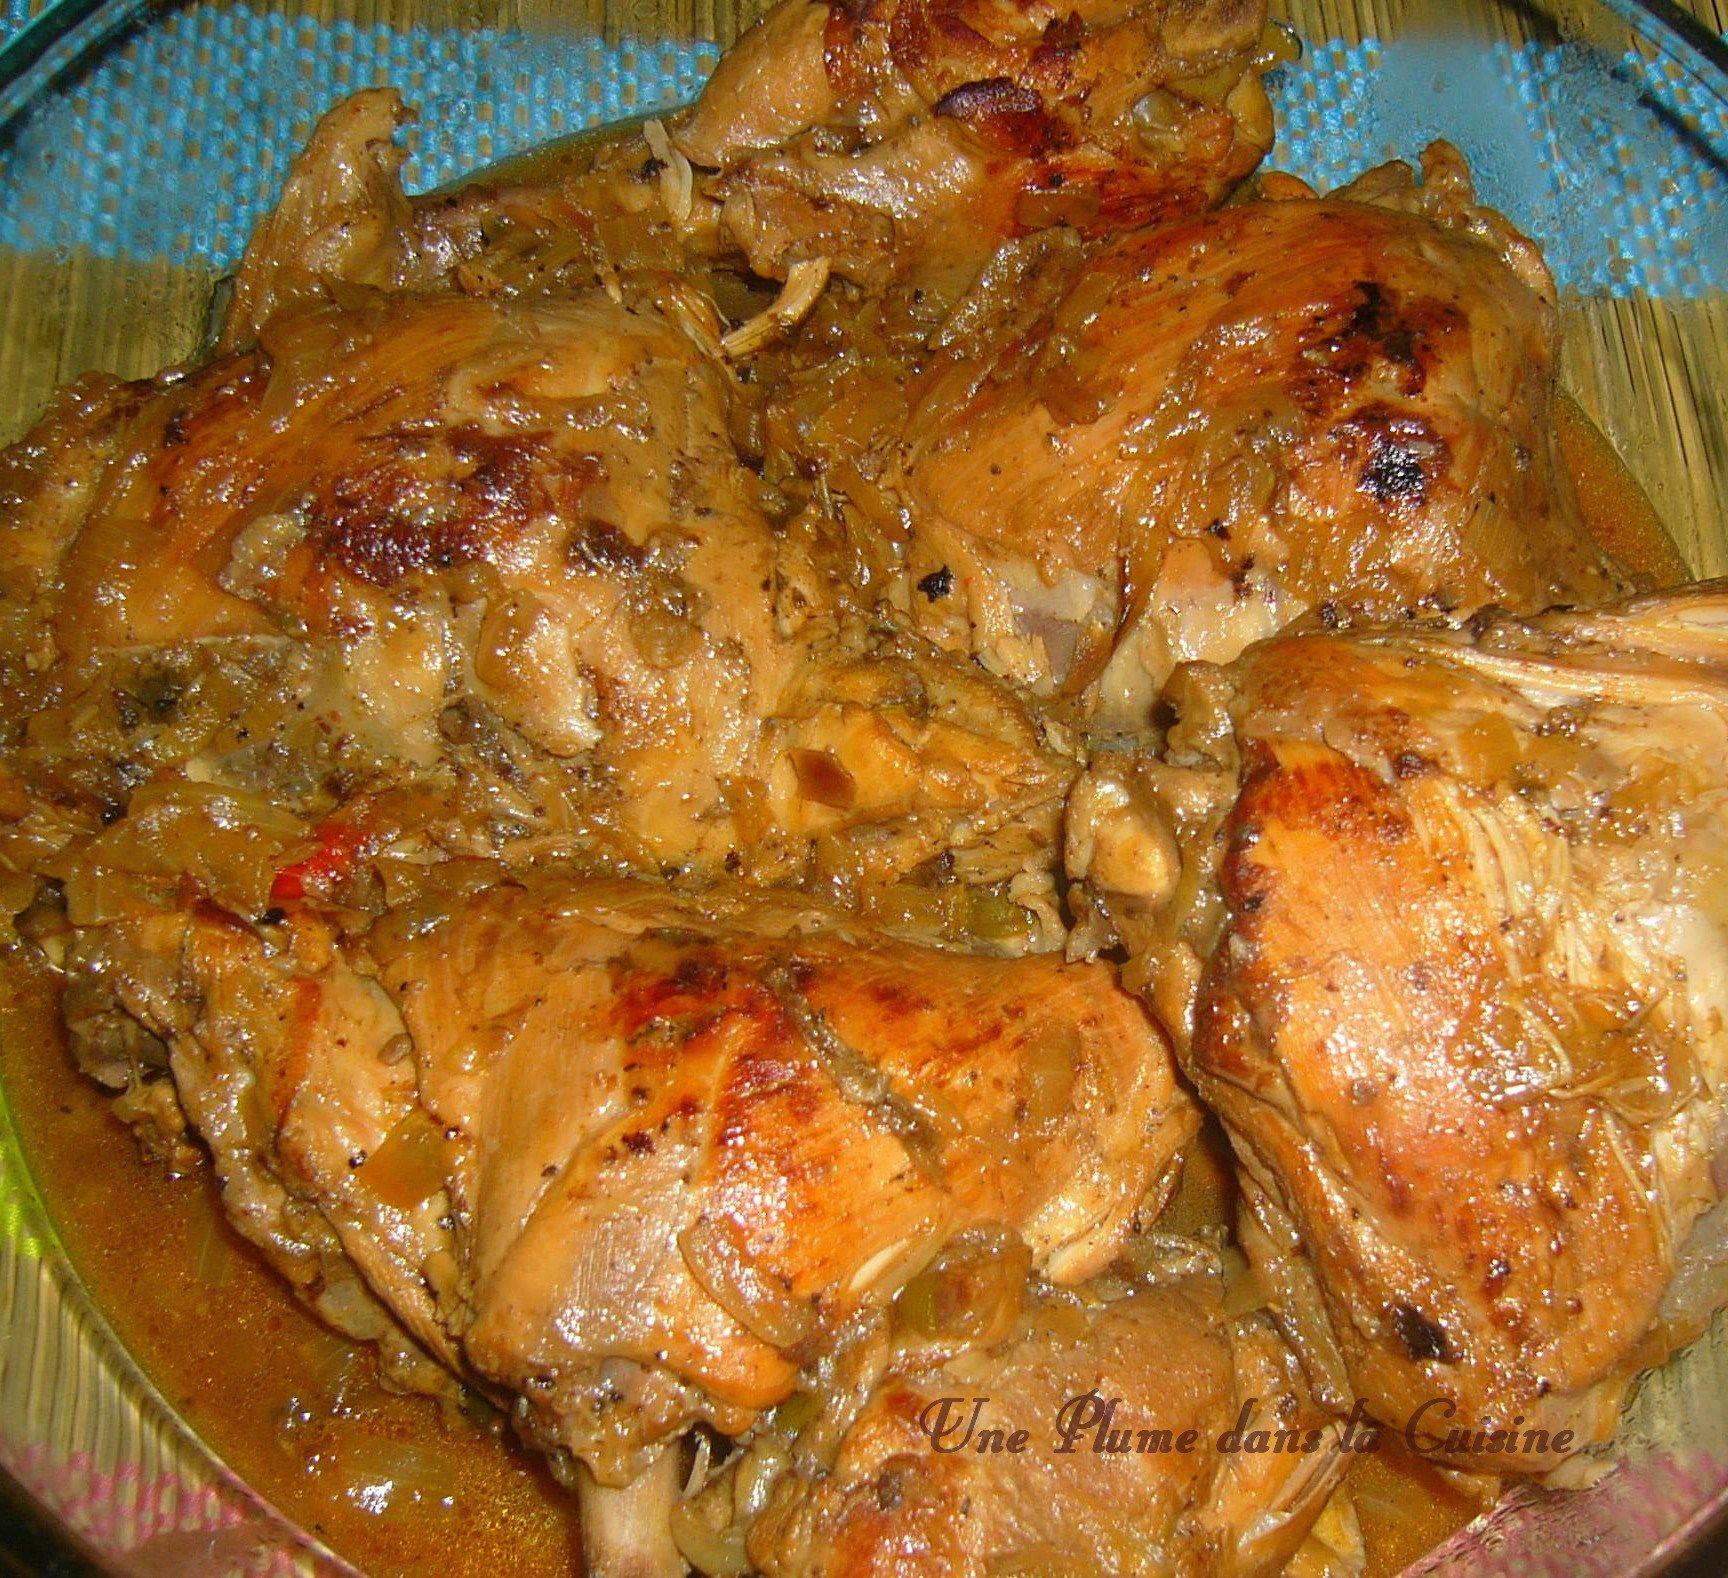 Fricass e de poulet l antillaise recettes de cuisine - Cuisine creole antillaise ...